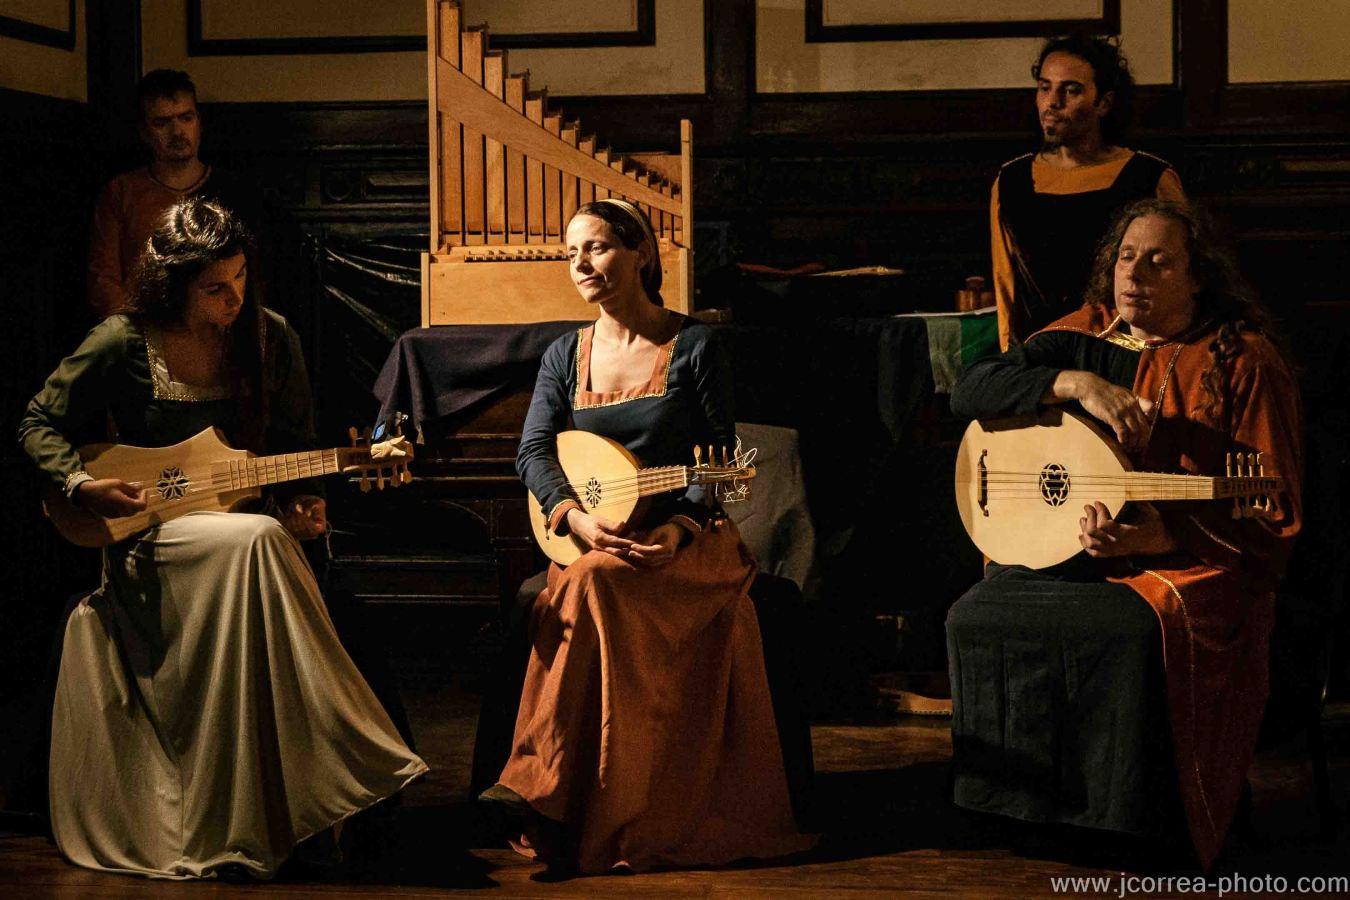 Concierto barroco Caba roxi In Pro Ibis, Ensamble Medieval